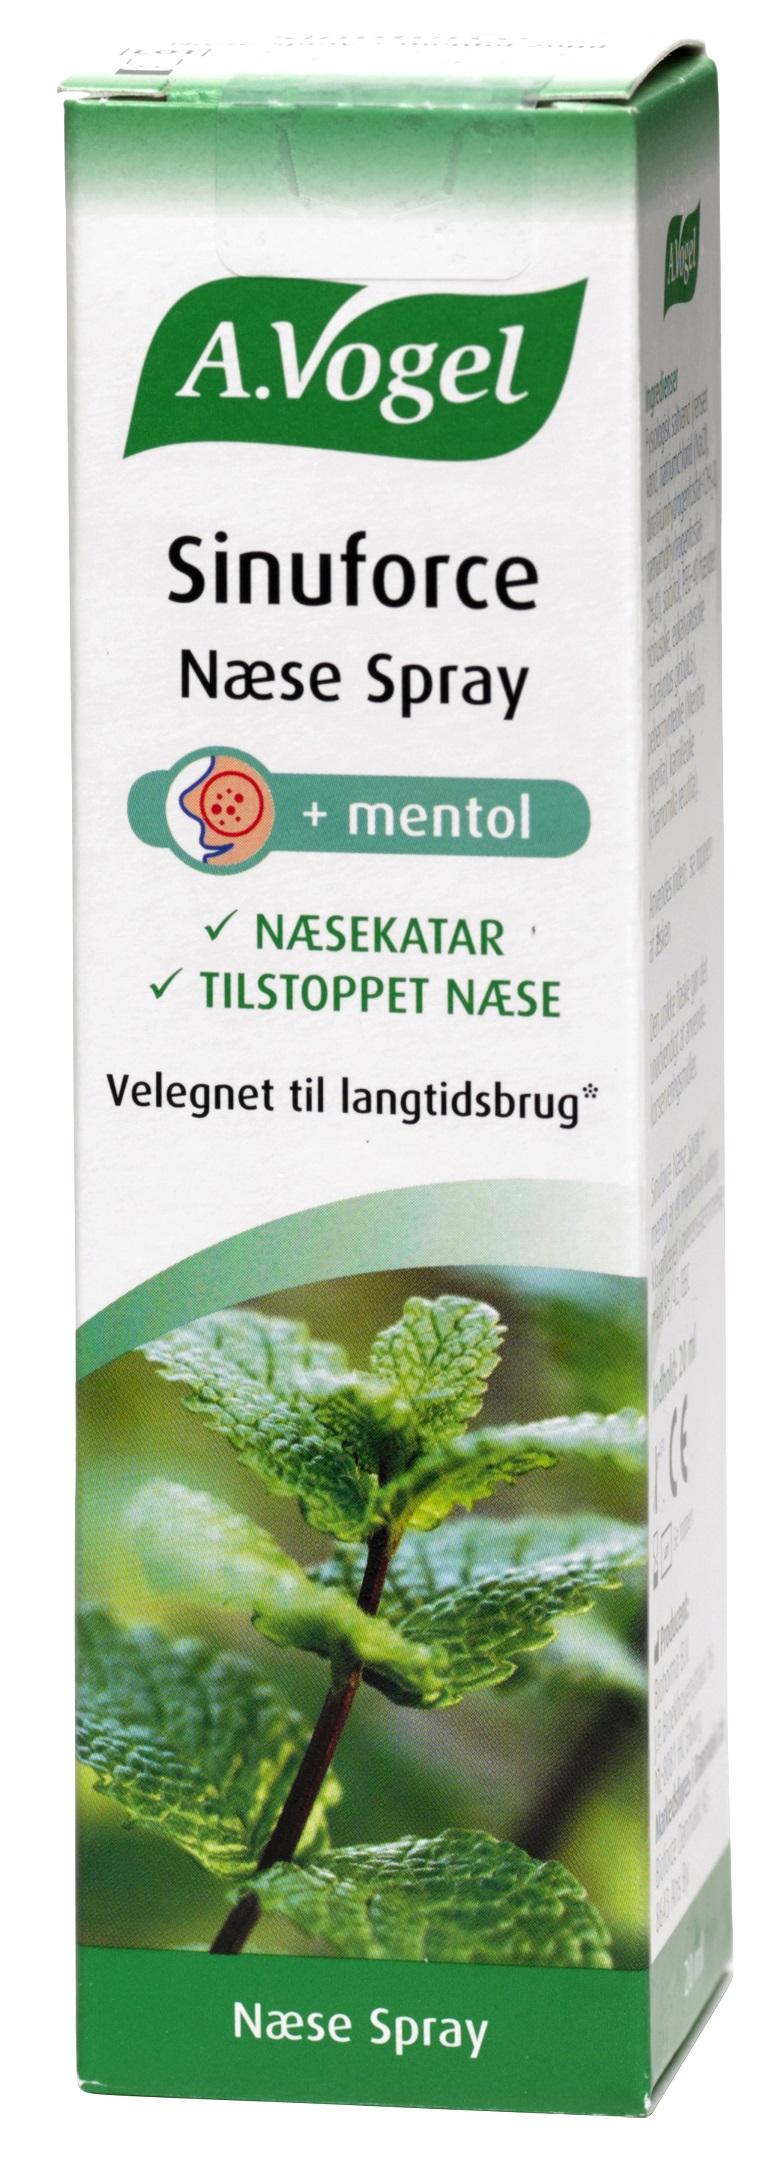 Image of A. Vogel Sinuforce Næsespray Mentol - 20 ml